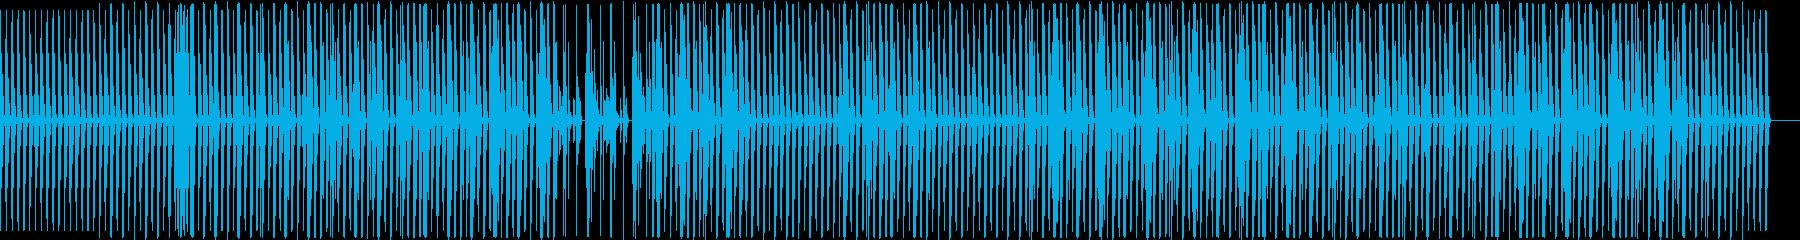 メイキング 倍速再生 早送りの再生済みの波形